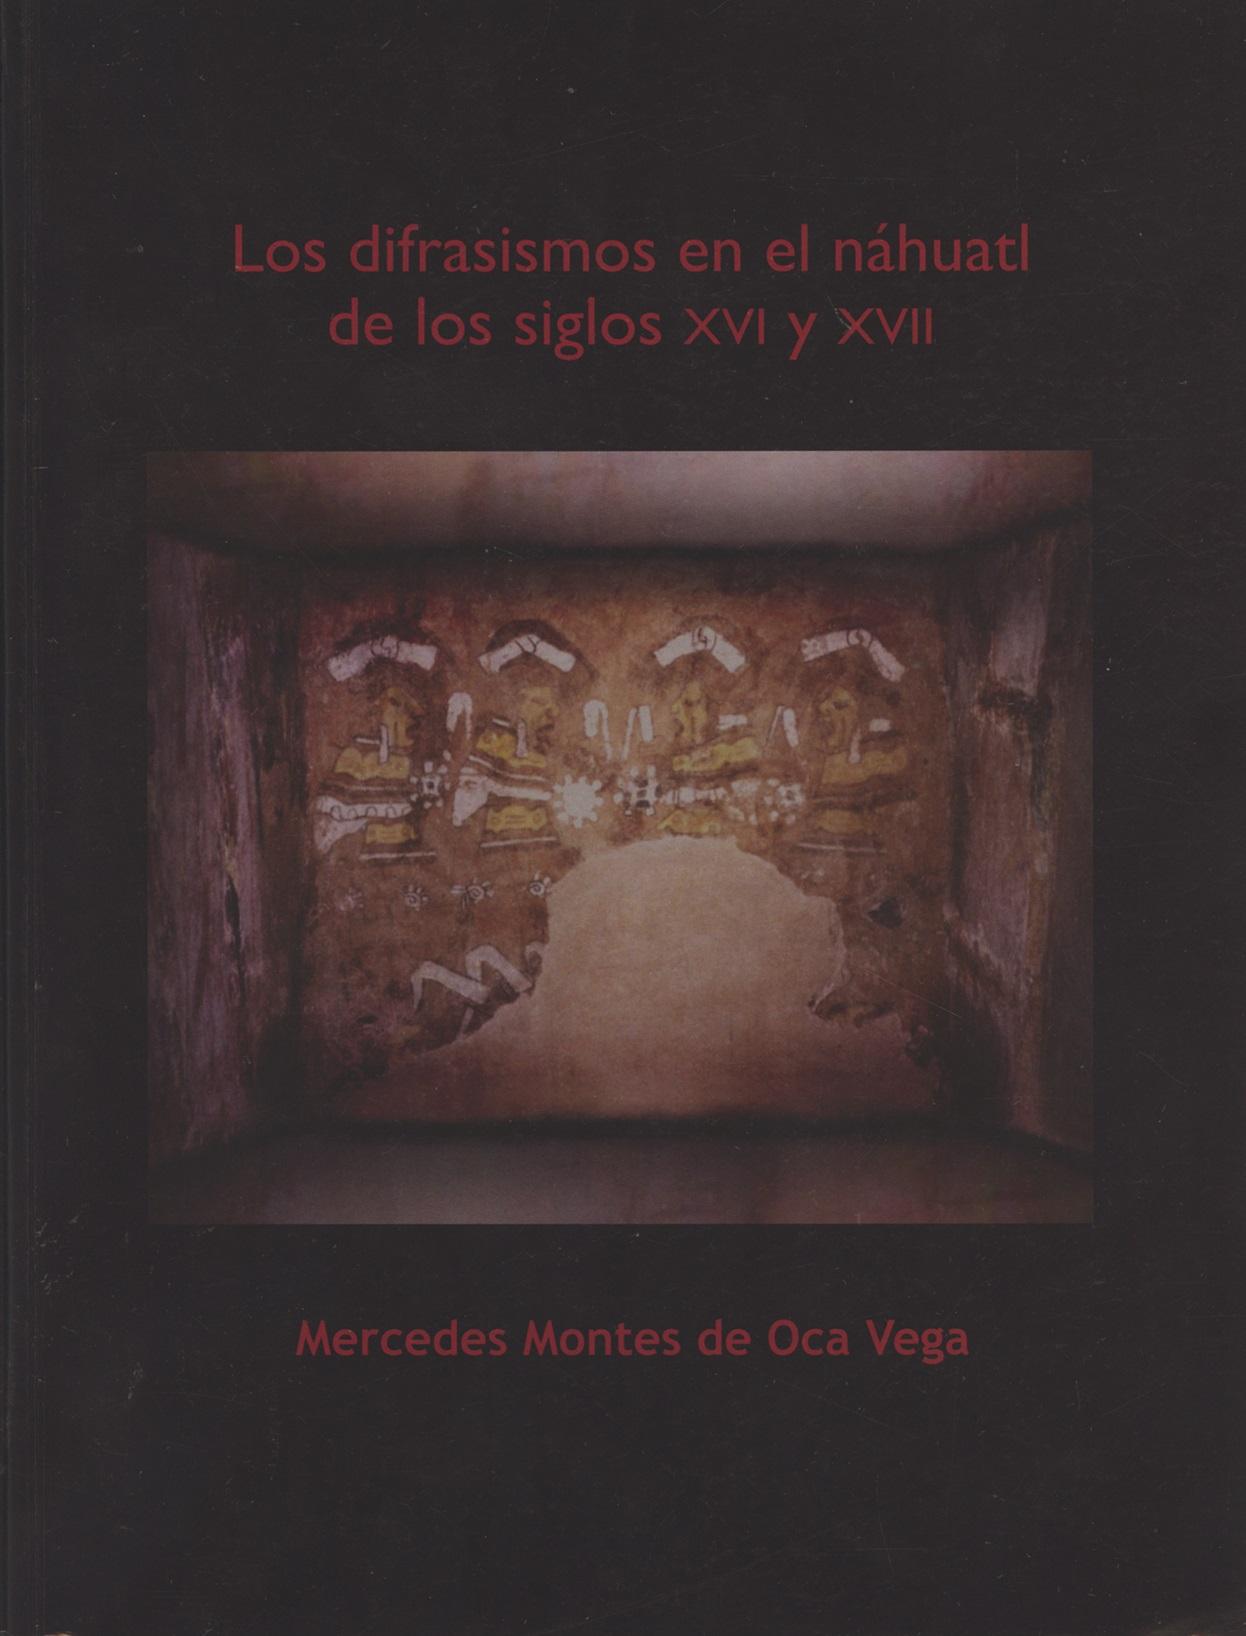 Los difrasismos en el náhuatl del siglo xvi y xvII